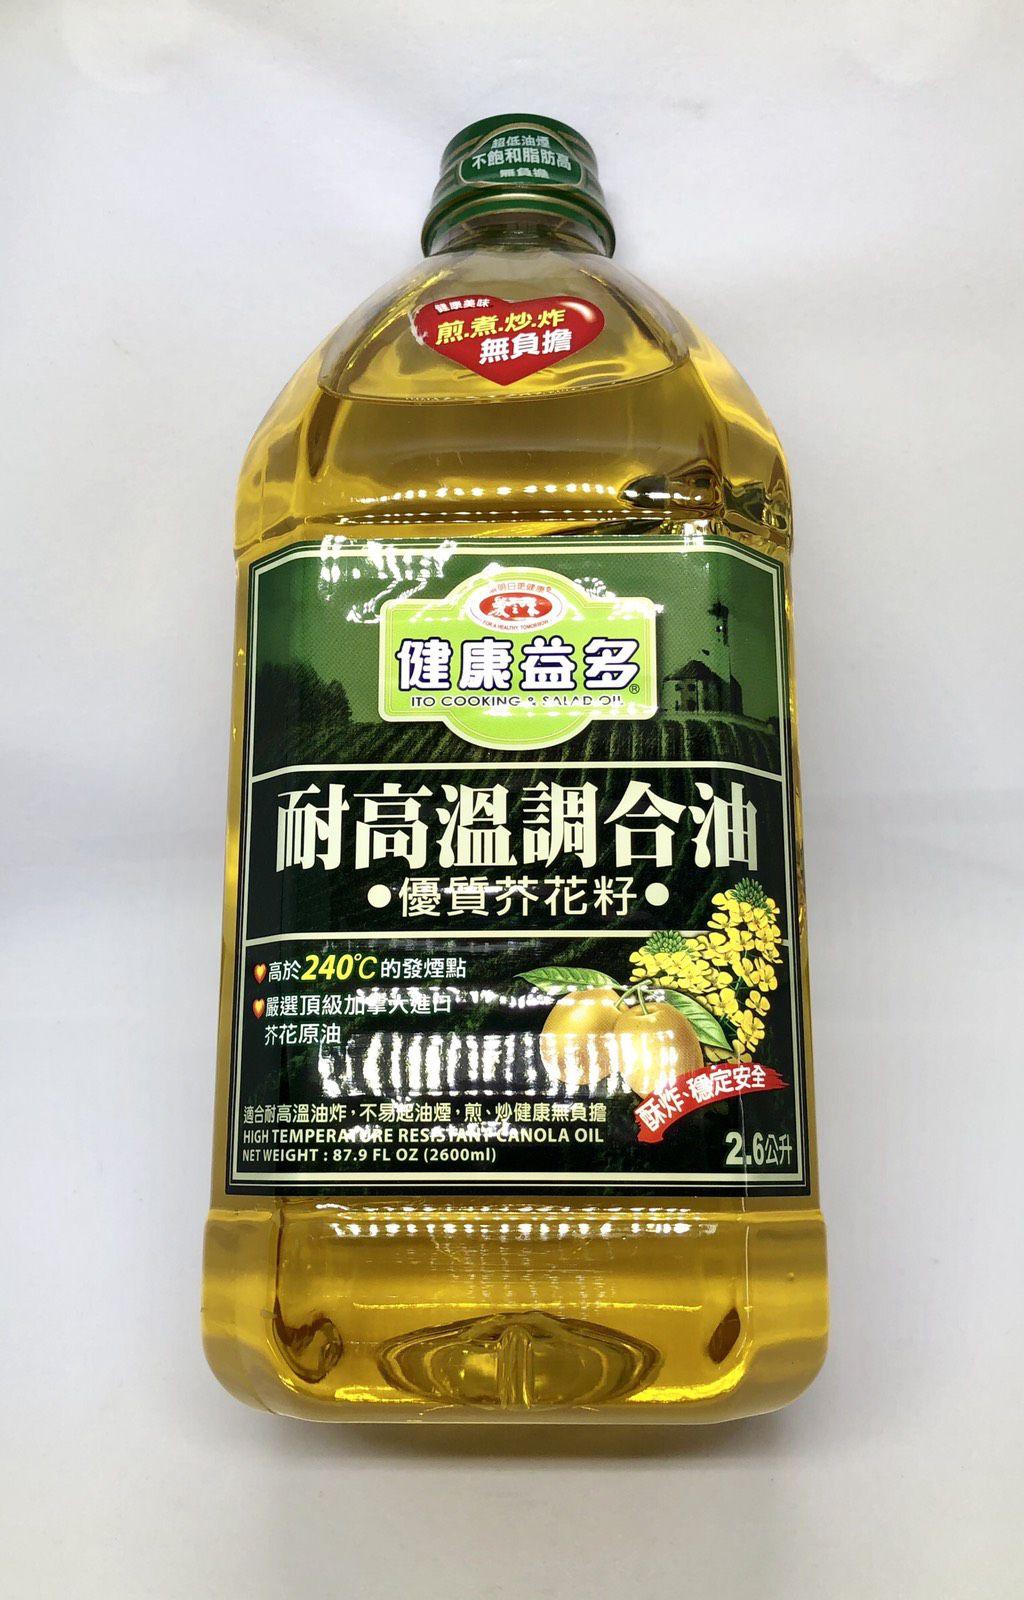 (愛之味)健康益多優質芥花籽耐高溫調和油2.6L(全素)